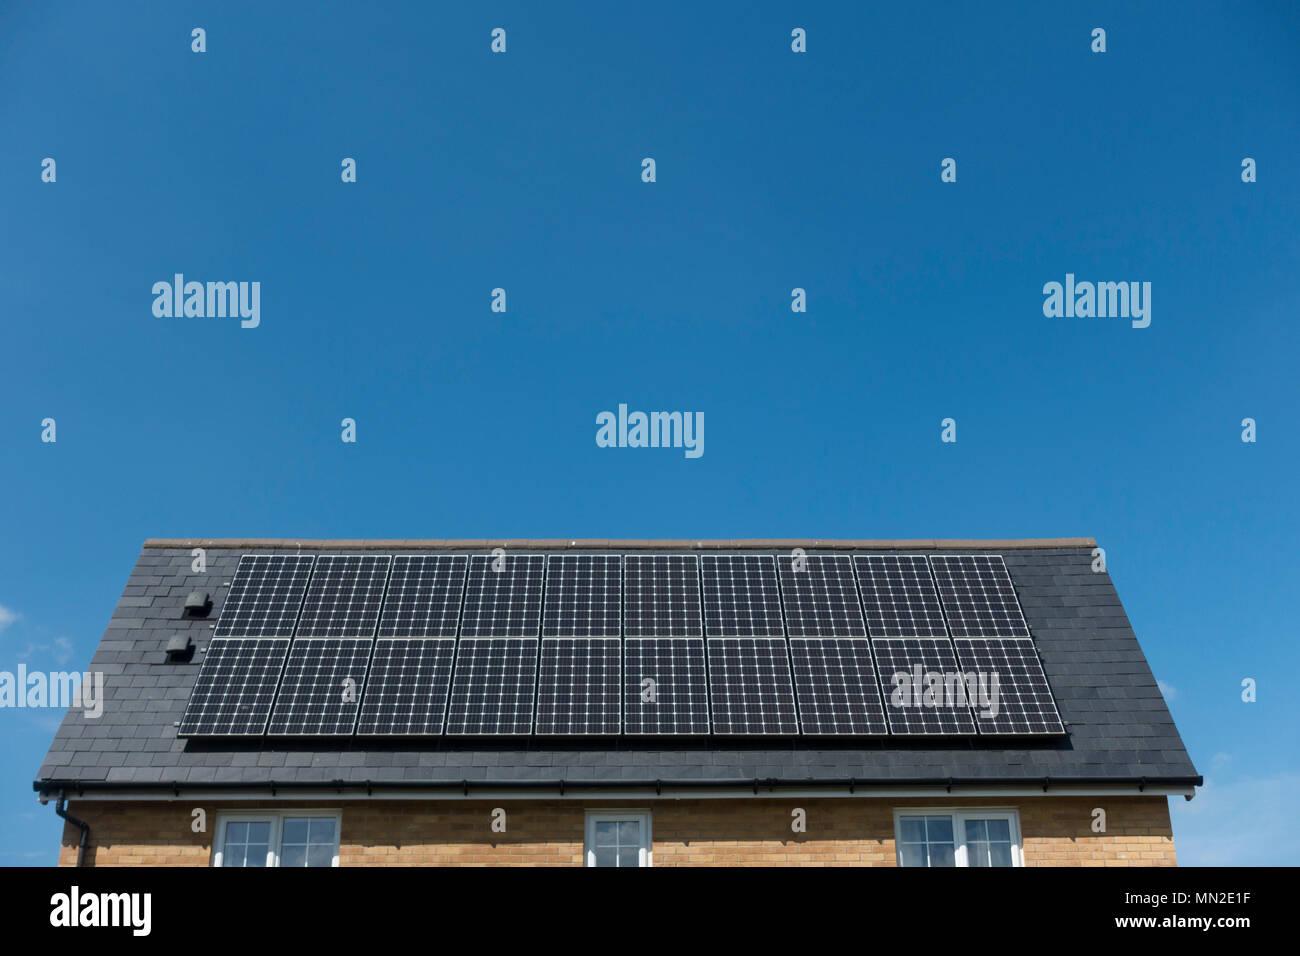 Paneles solares en el tejado de una casa Imagen De Stock